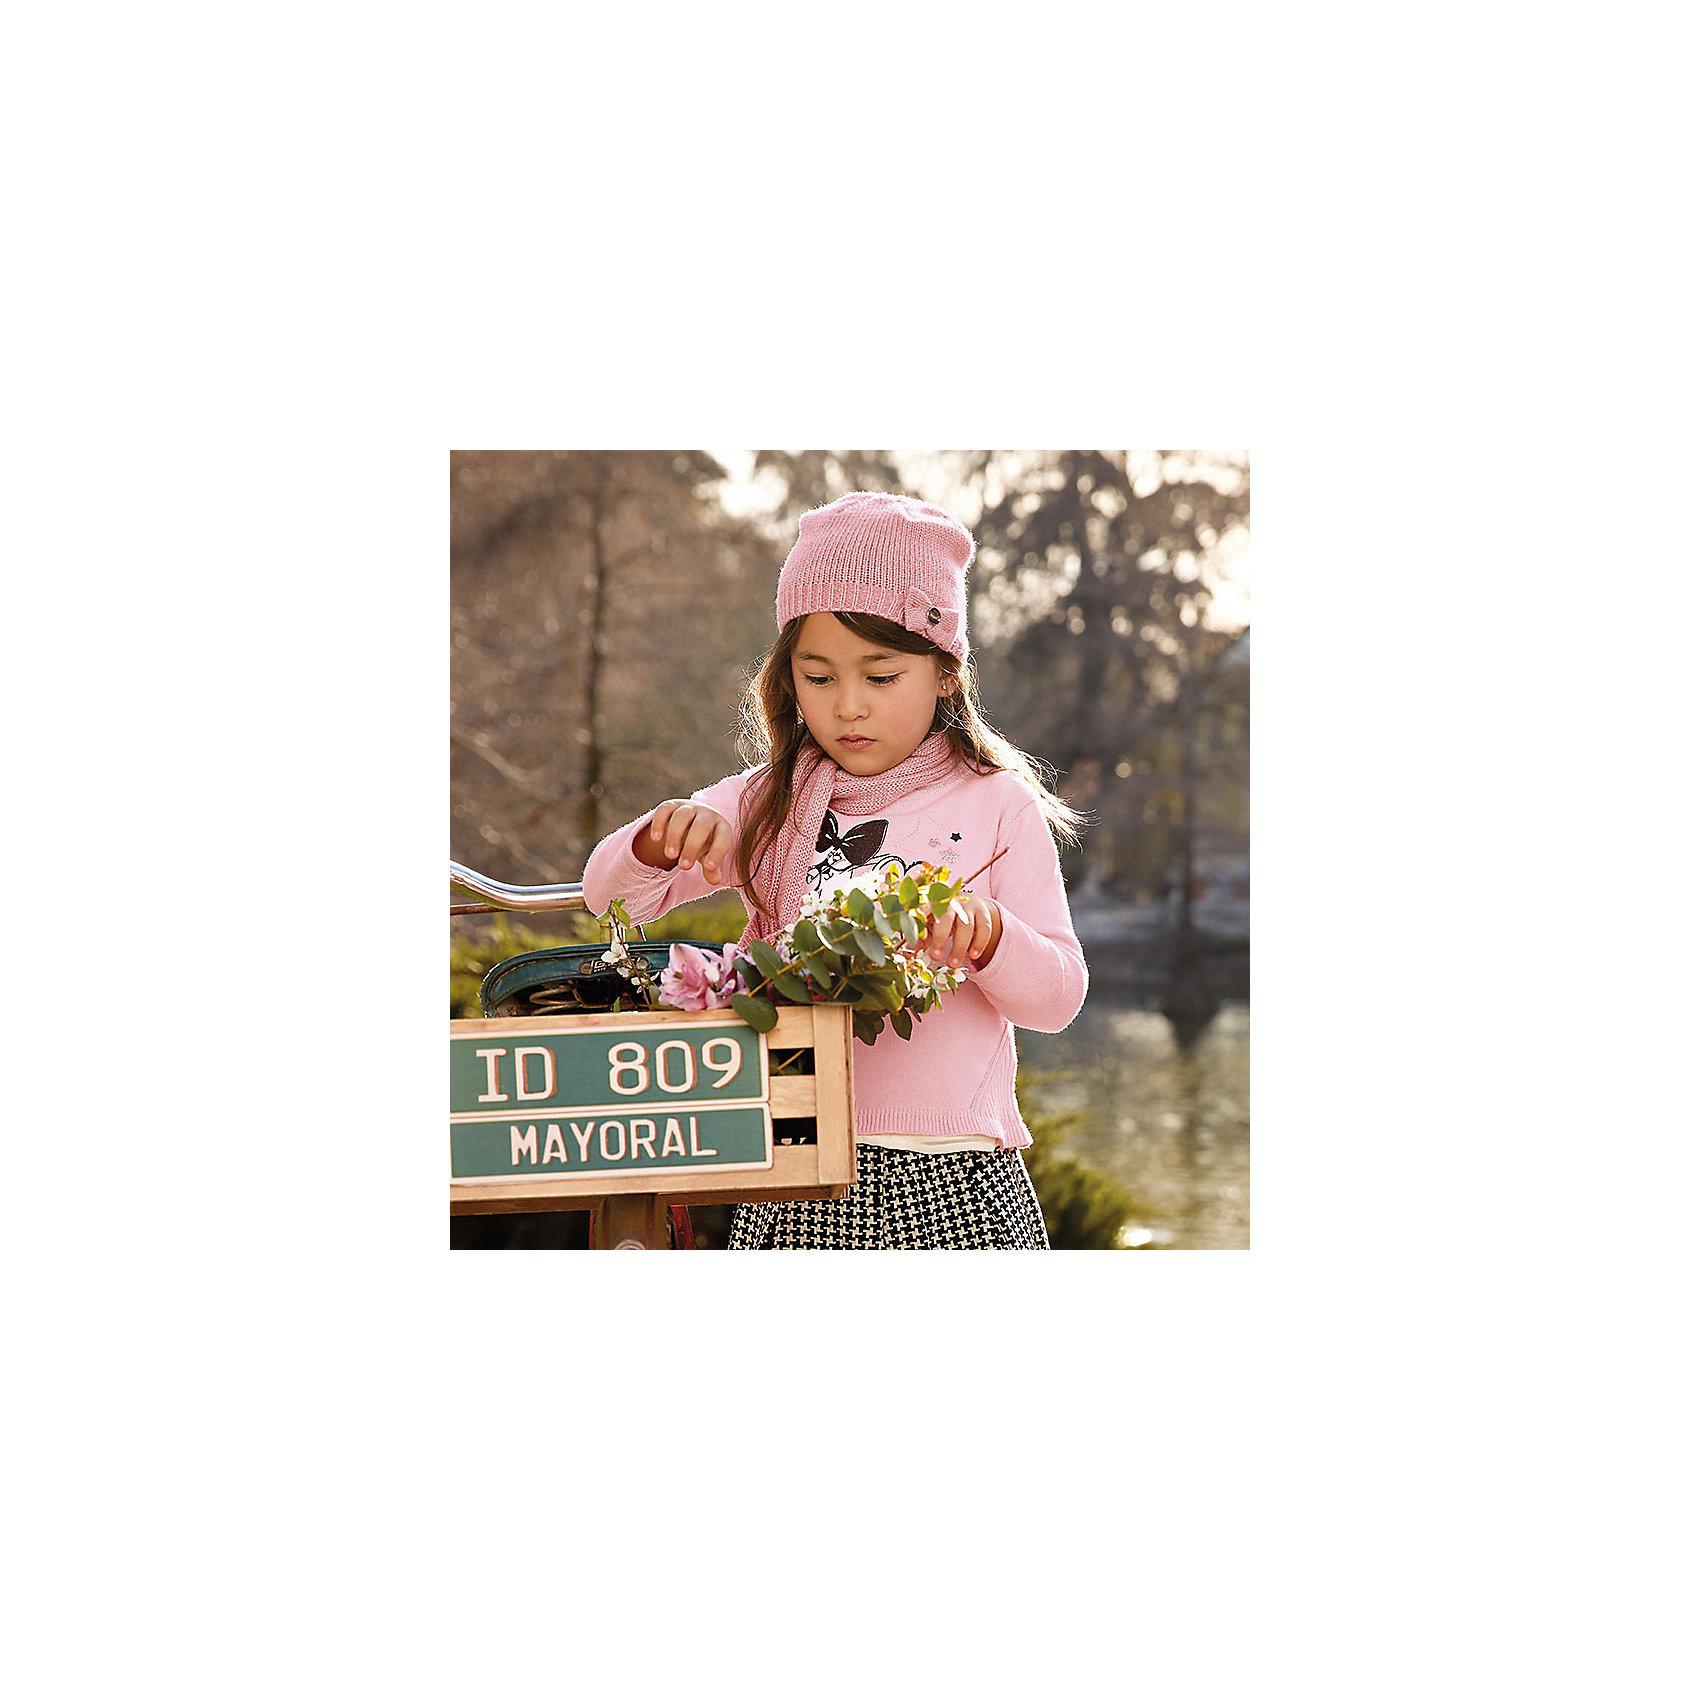 Свитер для девочки MayoralСвитера и кардиганы<br>Характеристики товара:<br><br>• цвет: розовый<br>• состав ткани: 55% хлопок, 45% акрил<br>• сезон: круглый год<br>• стразы<br>• длинные рукава<br>• страна бренда: Испания<br>• страна изготовитель: Индия<br><br>Розовый свитер отличается свободным силуэтом и интересной отделкой. Вязаный свитер для девочки от бренда Майорал поможет девочке выглядеть модно и чувствовать себя комфортно. <br><br>Для производства детской одежды популярный бренд Mayoral использует только качественную фурнитуру и материалы. Оригинальные и модные вещи от Майорал неизменно привлекают внимание и нравятся детям.<br><br>Свитер для девочки Mayoral (Майорал) можно купить в нашем интернет-магазине.<br><br>Ширина мм: 190<br>Глубина мм: 74<br>Высота мм: 229<br>Вес г: 236<br>Цвет: розовый<br>Возраст от месяцев: 96<br>Возраст до месяцев: 108<br>Пол: Женский<br>Возраст: Детский<br>Размер: 134,92,98,104,110,116,122,128<br>SKU: 6924045